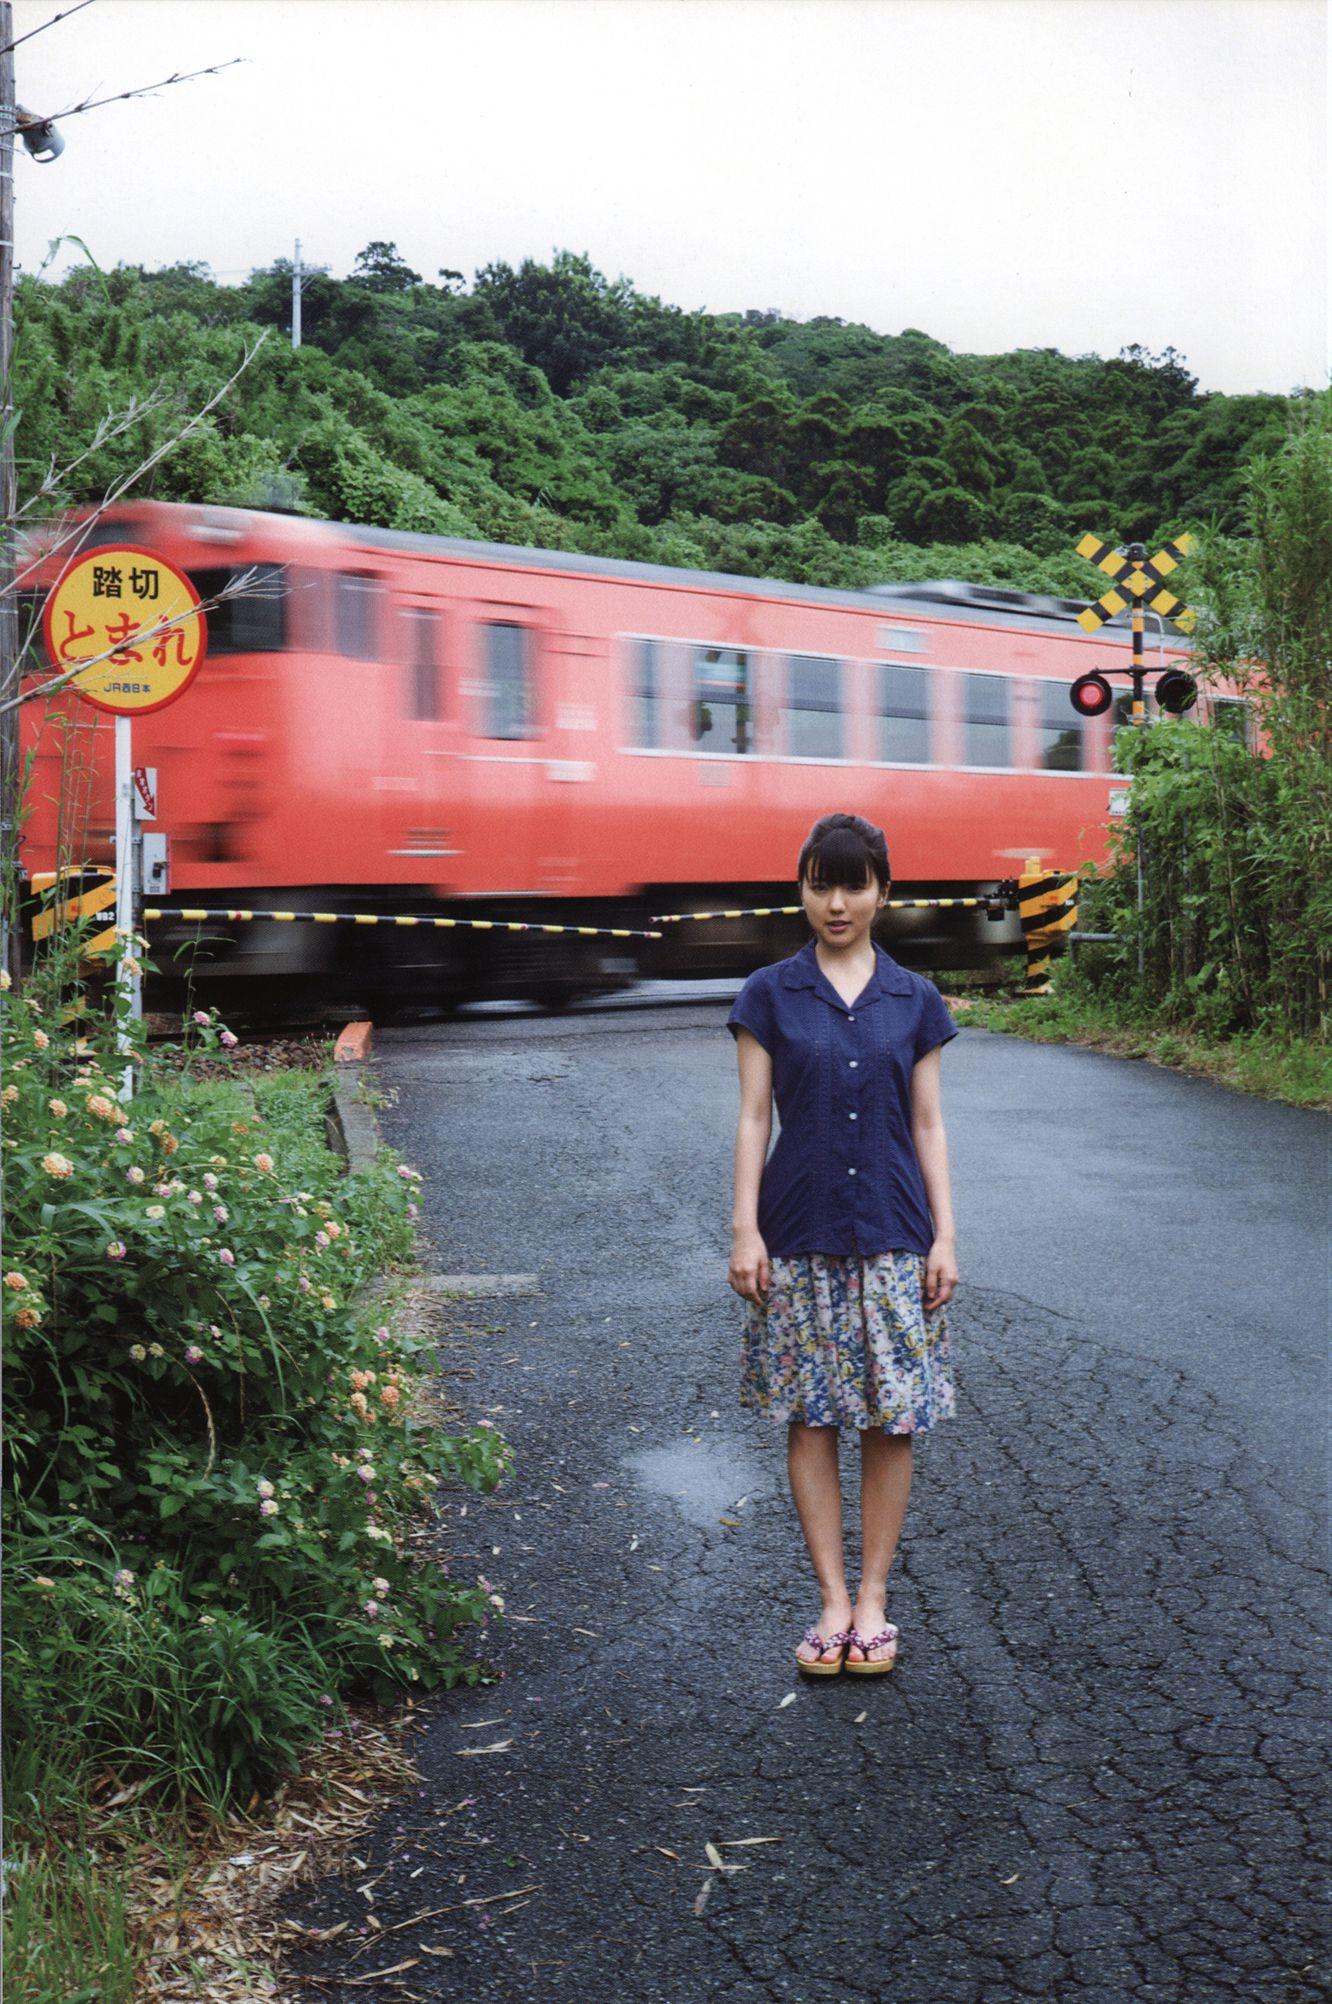 日本清纯美女真野恵里菜 『 ZERO 』 JR西日本 踏切 2018 薔薇